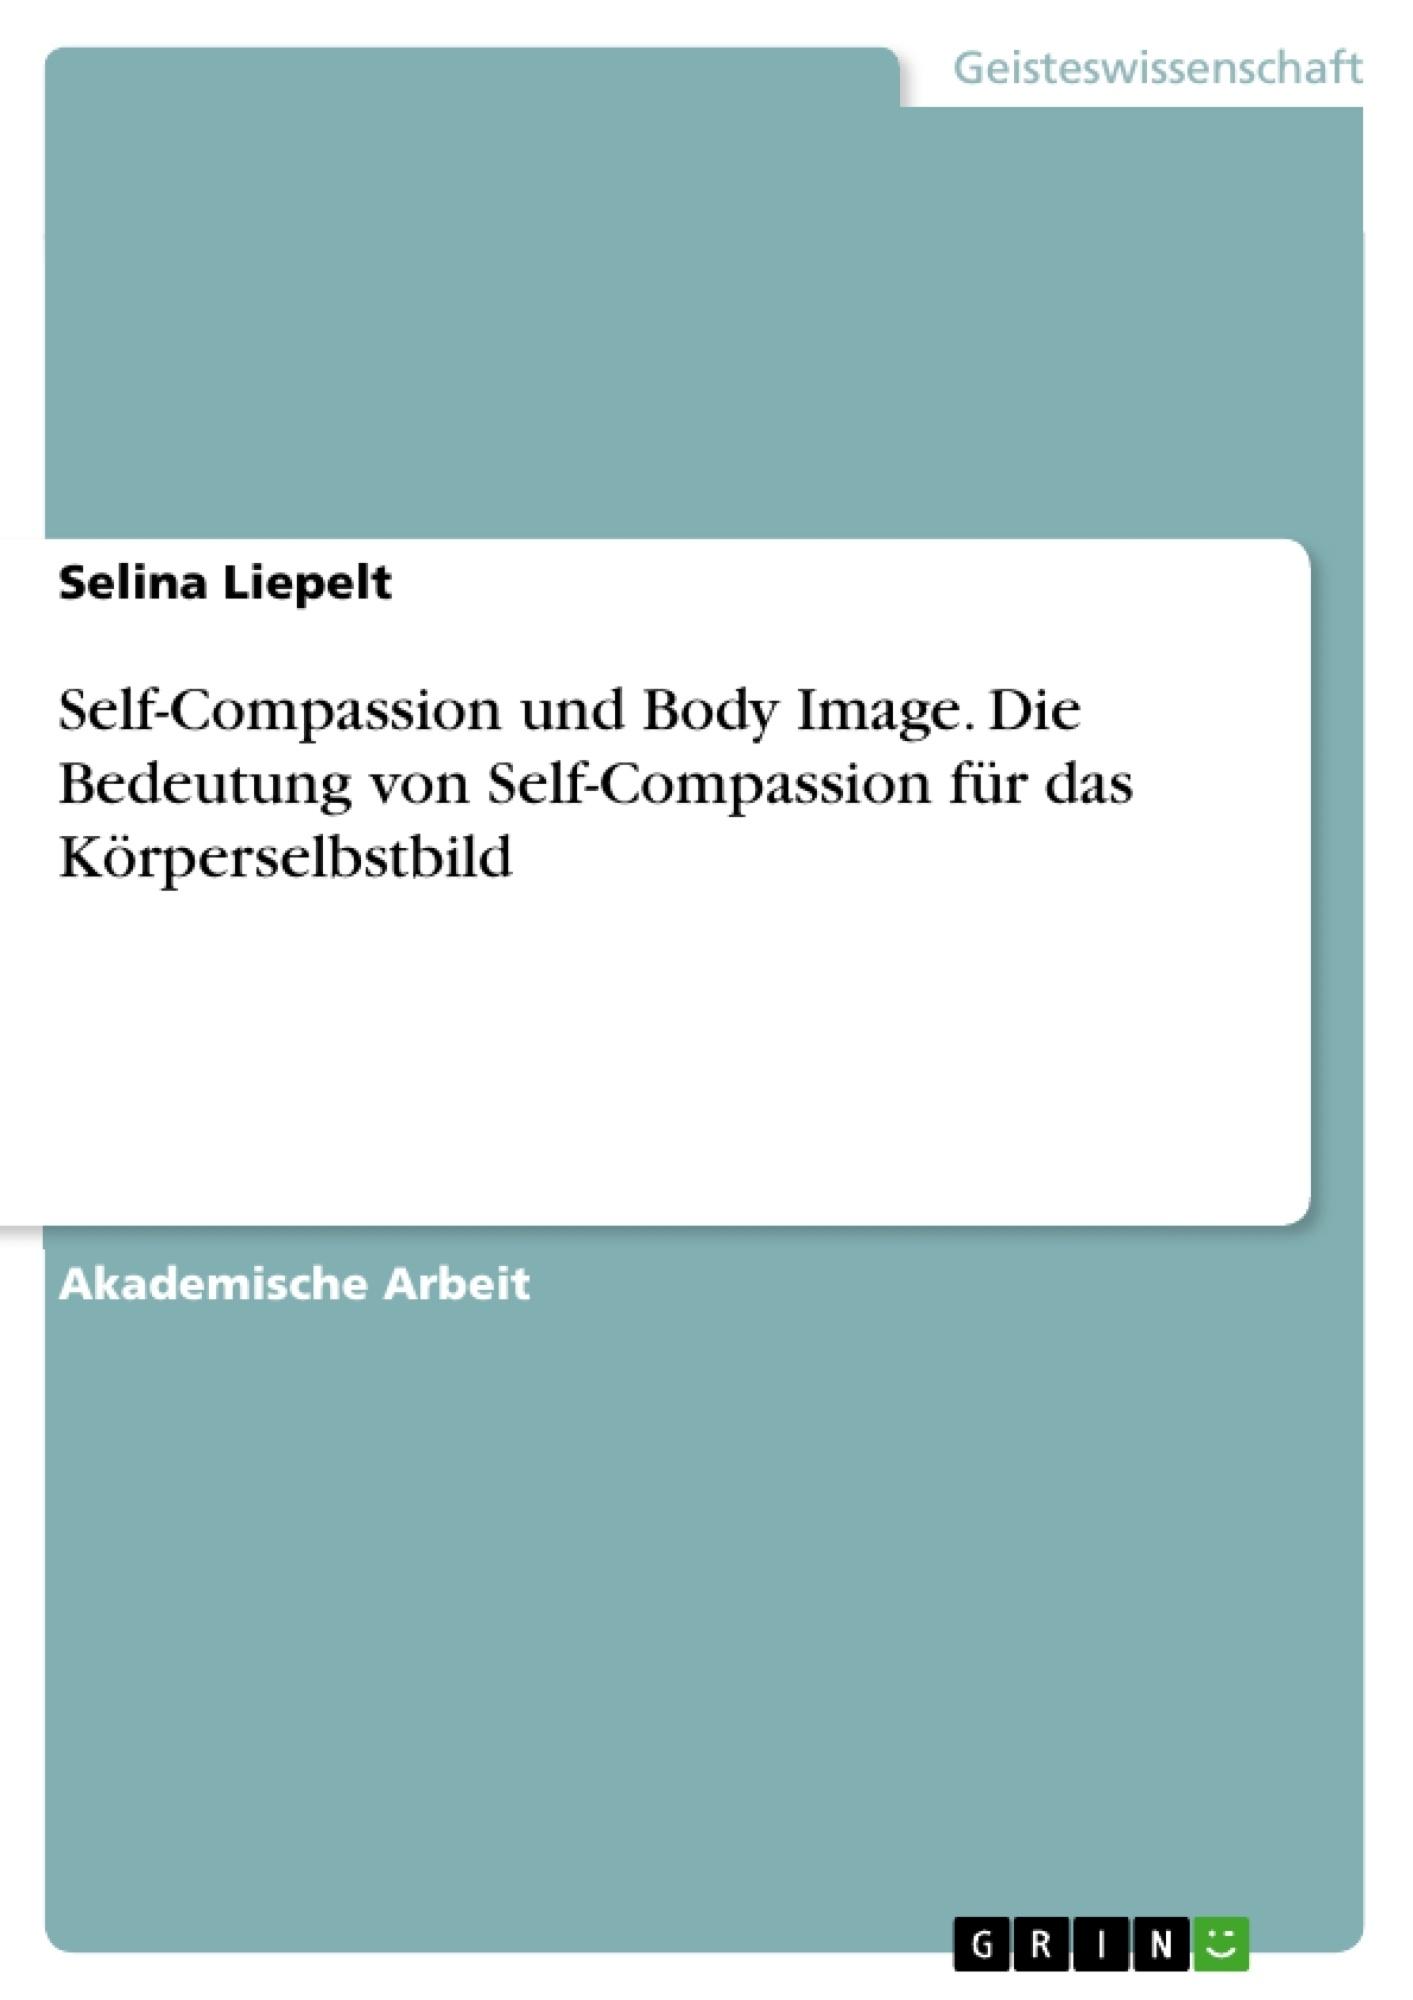 Titel: Self-Compassion und Body Image. Die Bedeutung von Self-Compassion für das Körperselbstbild